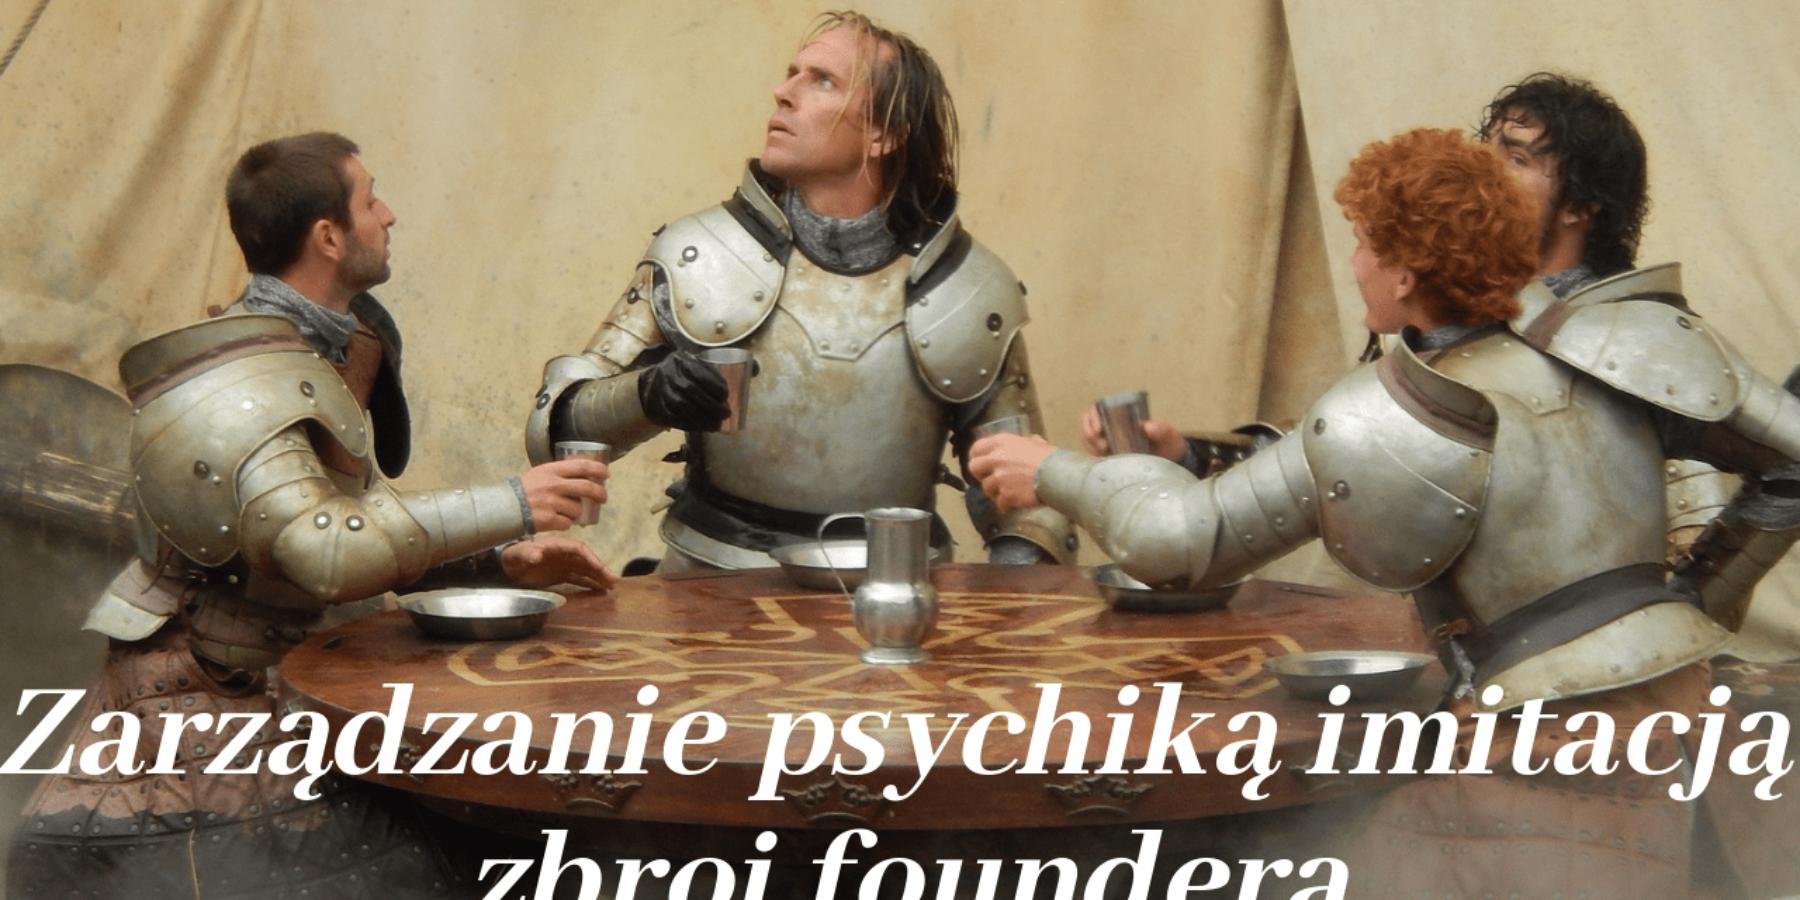 Zarządzanie psychiką imitacją zbroi foundera